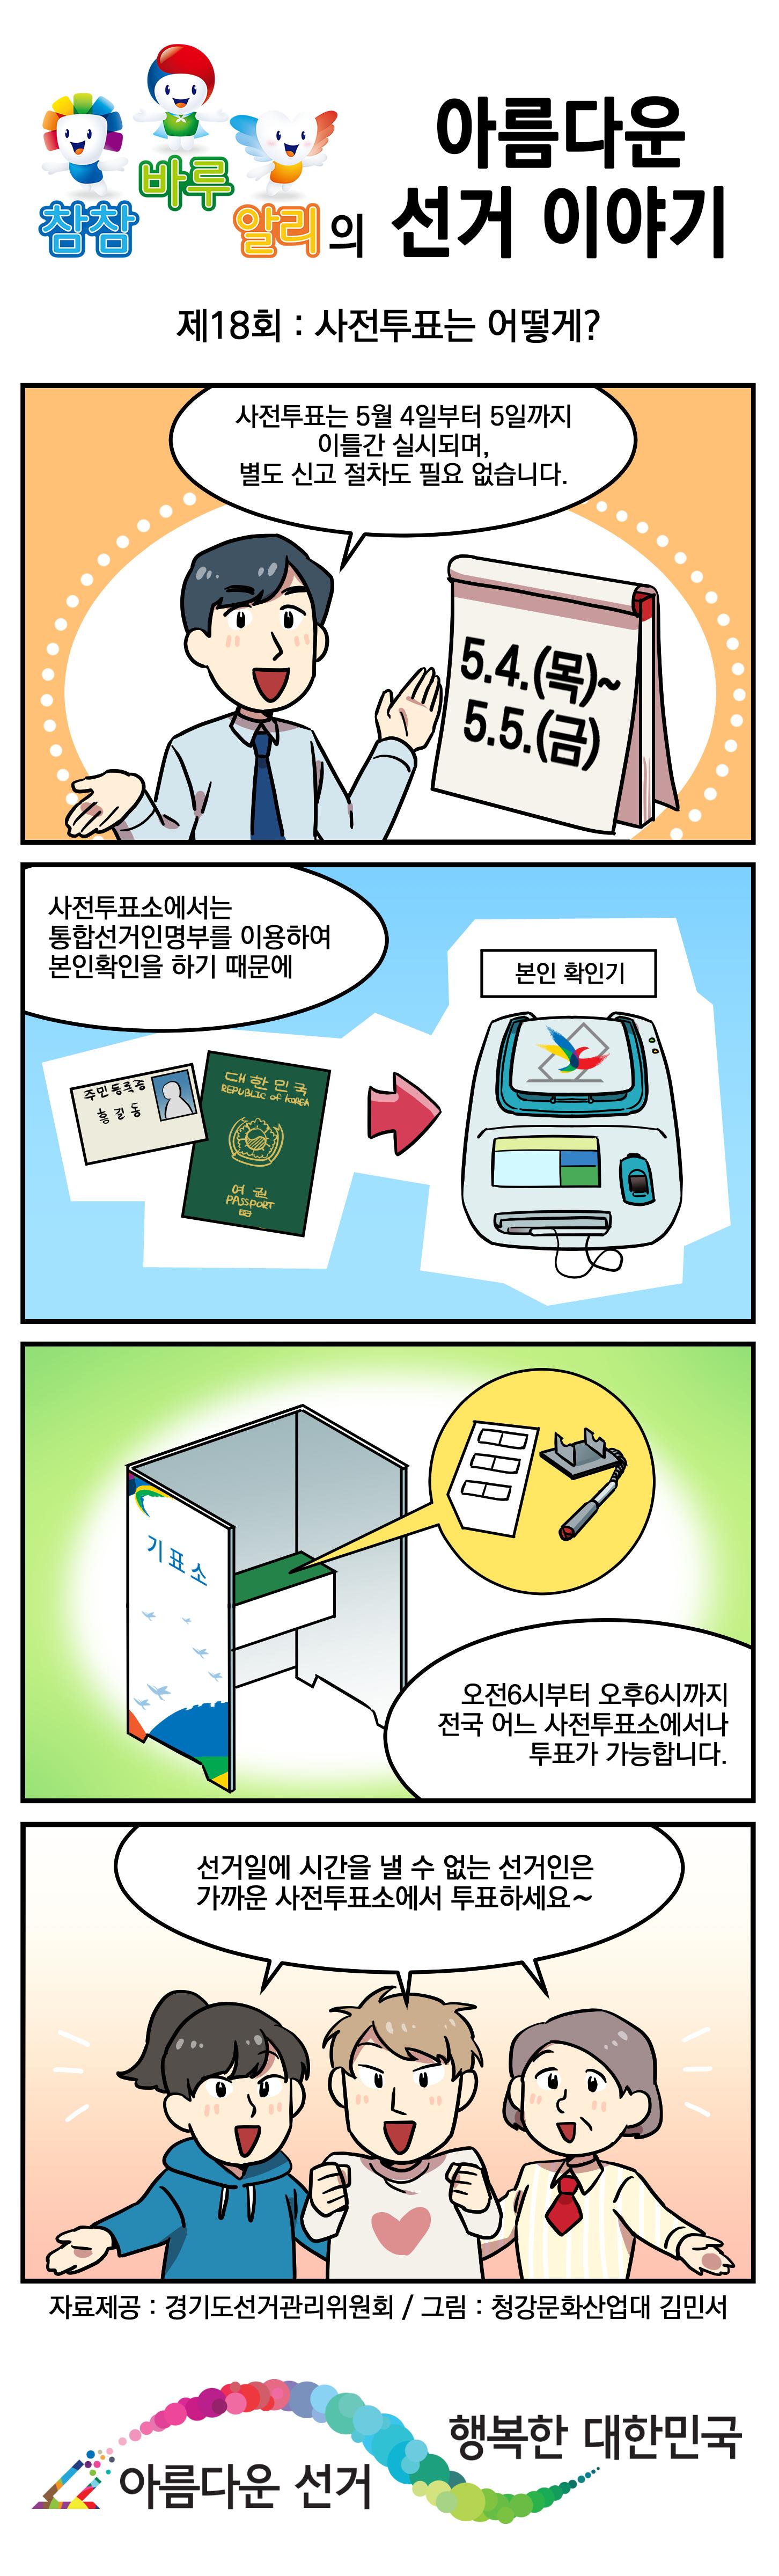 [아름다운 선거 이야기] 18회 사전투표는 어떻게?